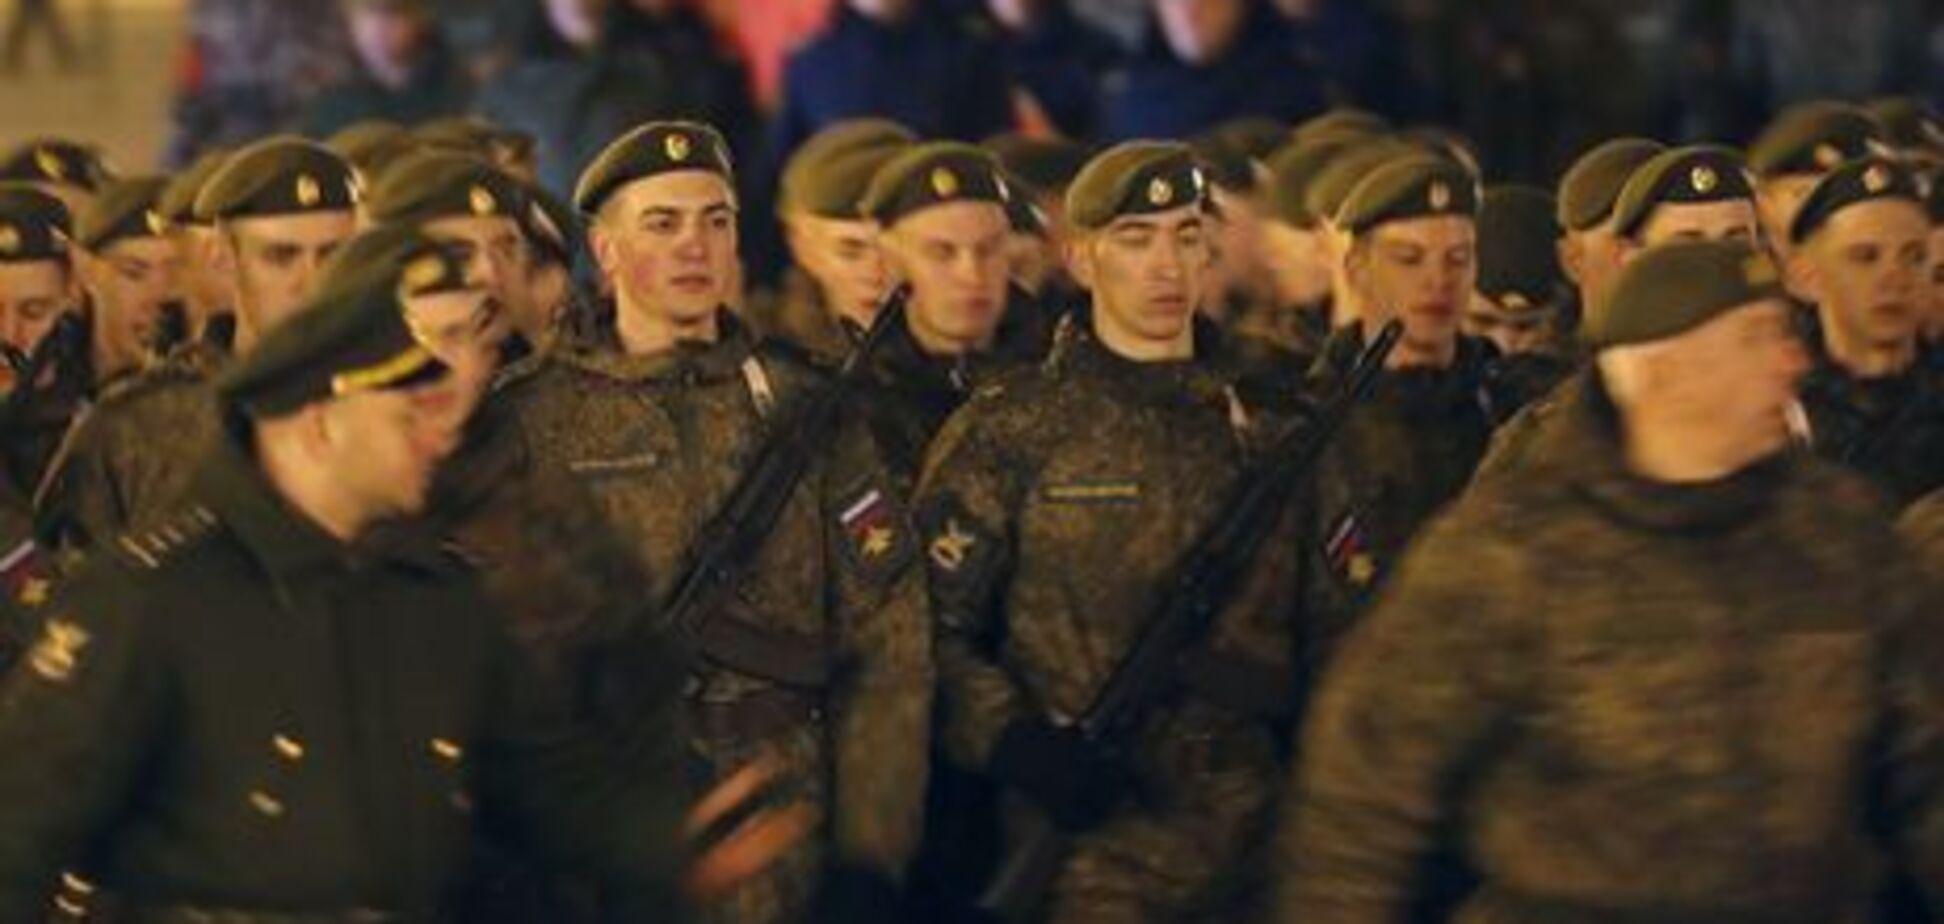 Мінус 4569: оприлюднено список загиблих вояків Путіна в Україні